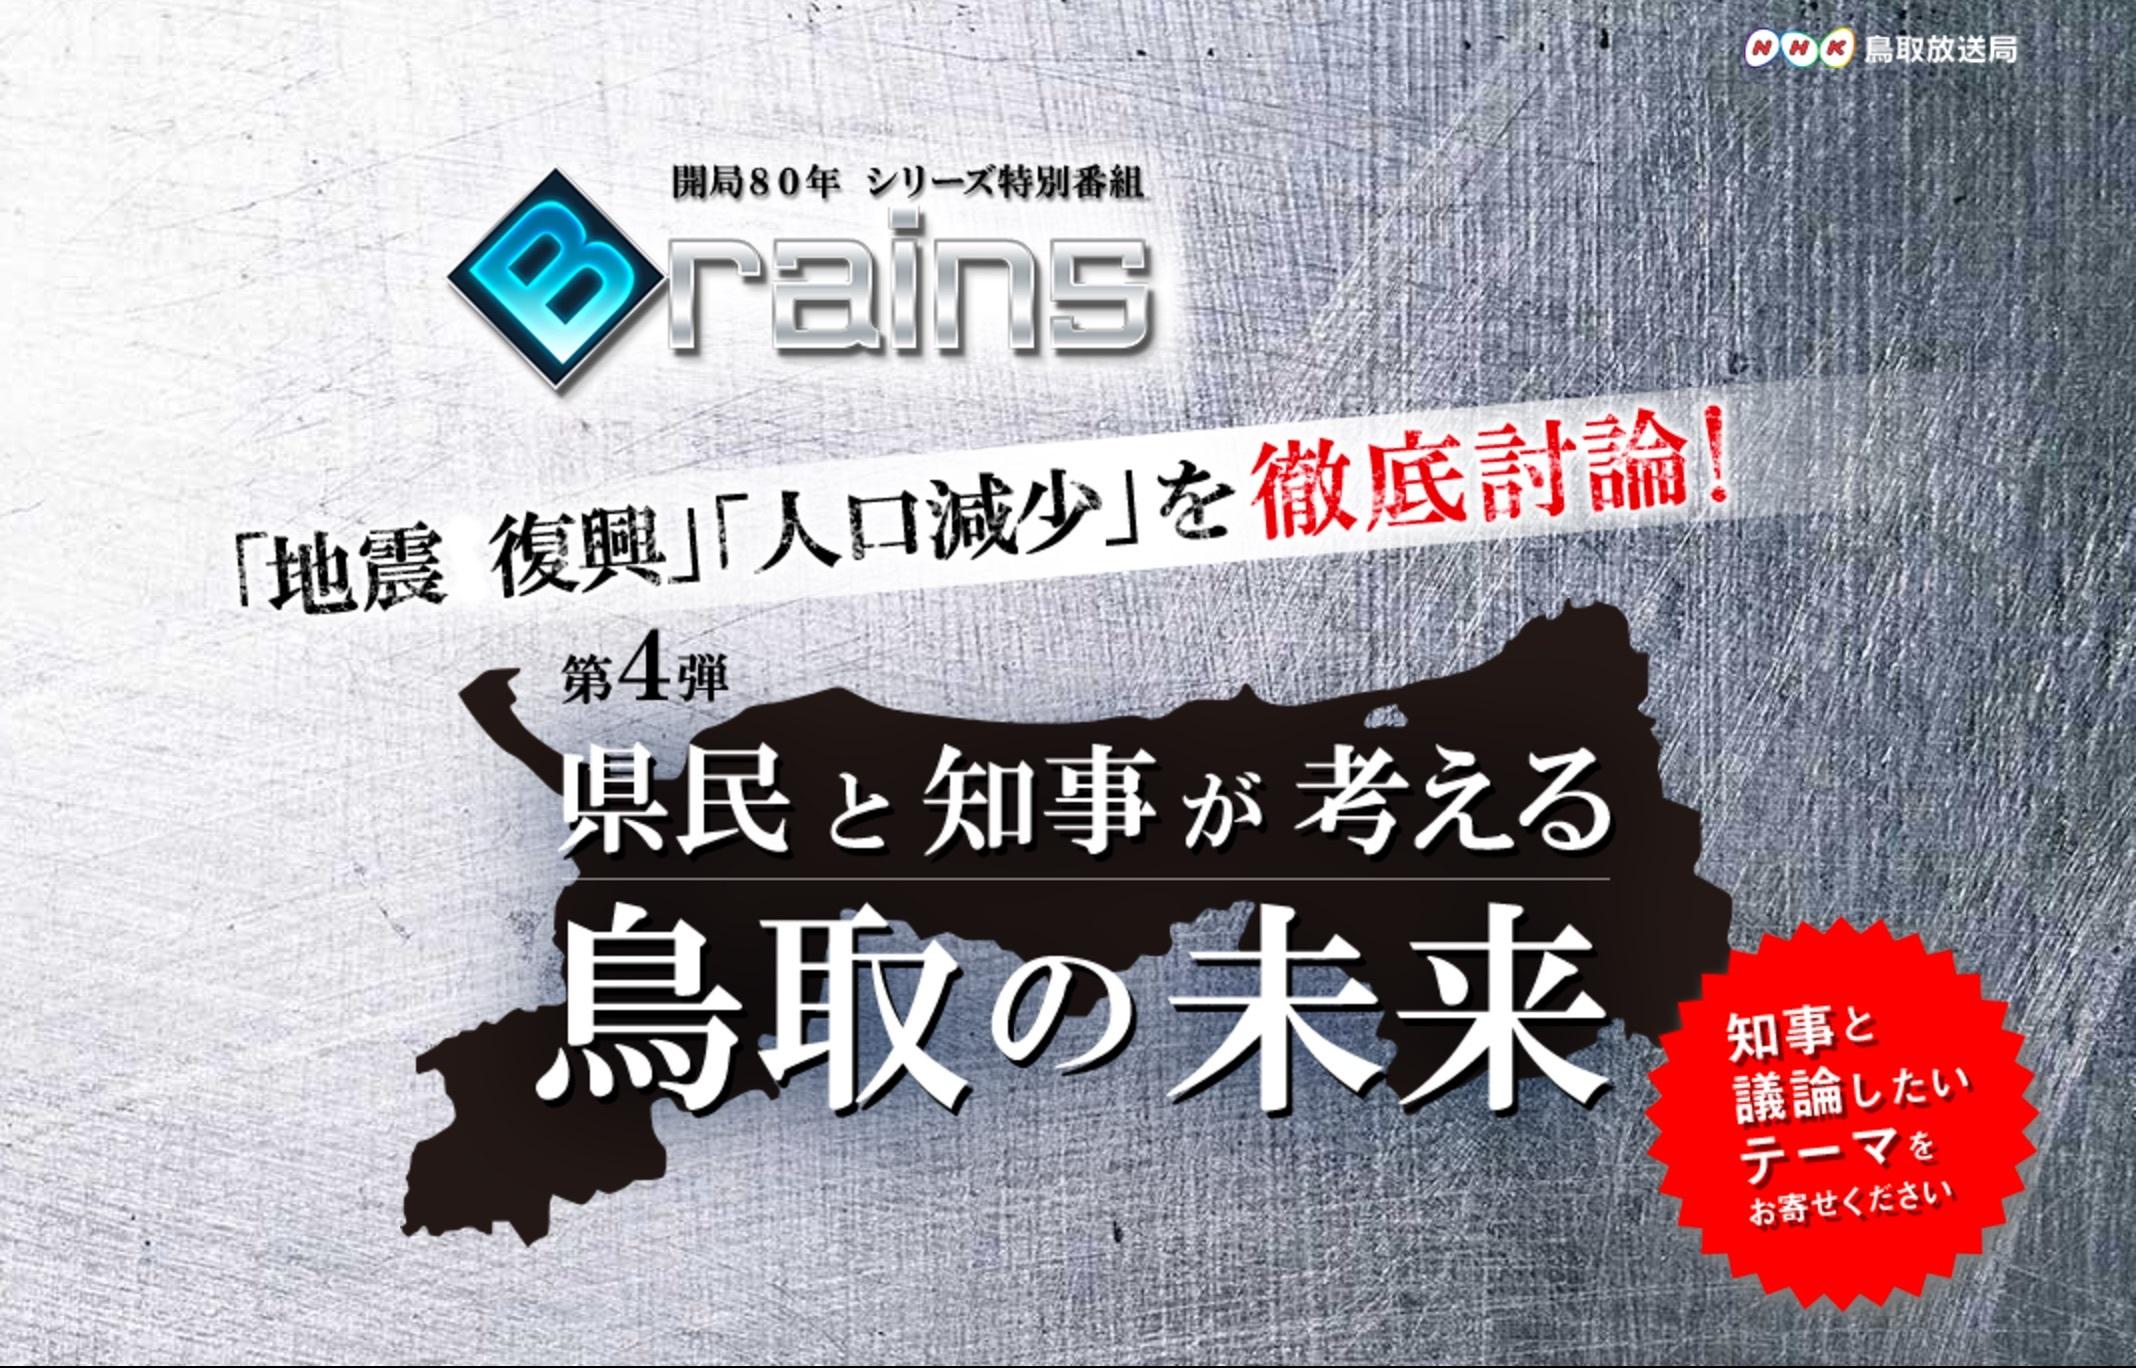 NHK鳥取放送局_|_開局80年_シリーズ特別番組_Brains